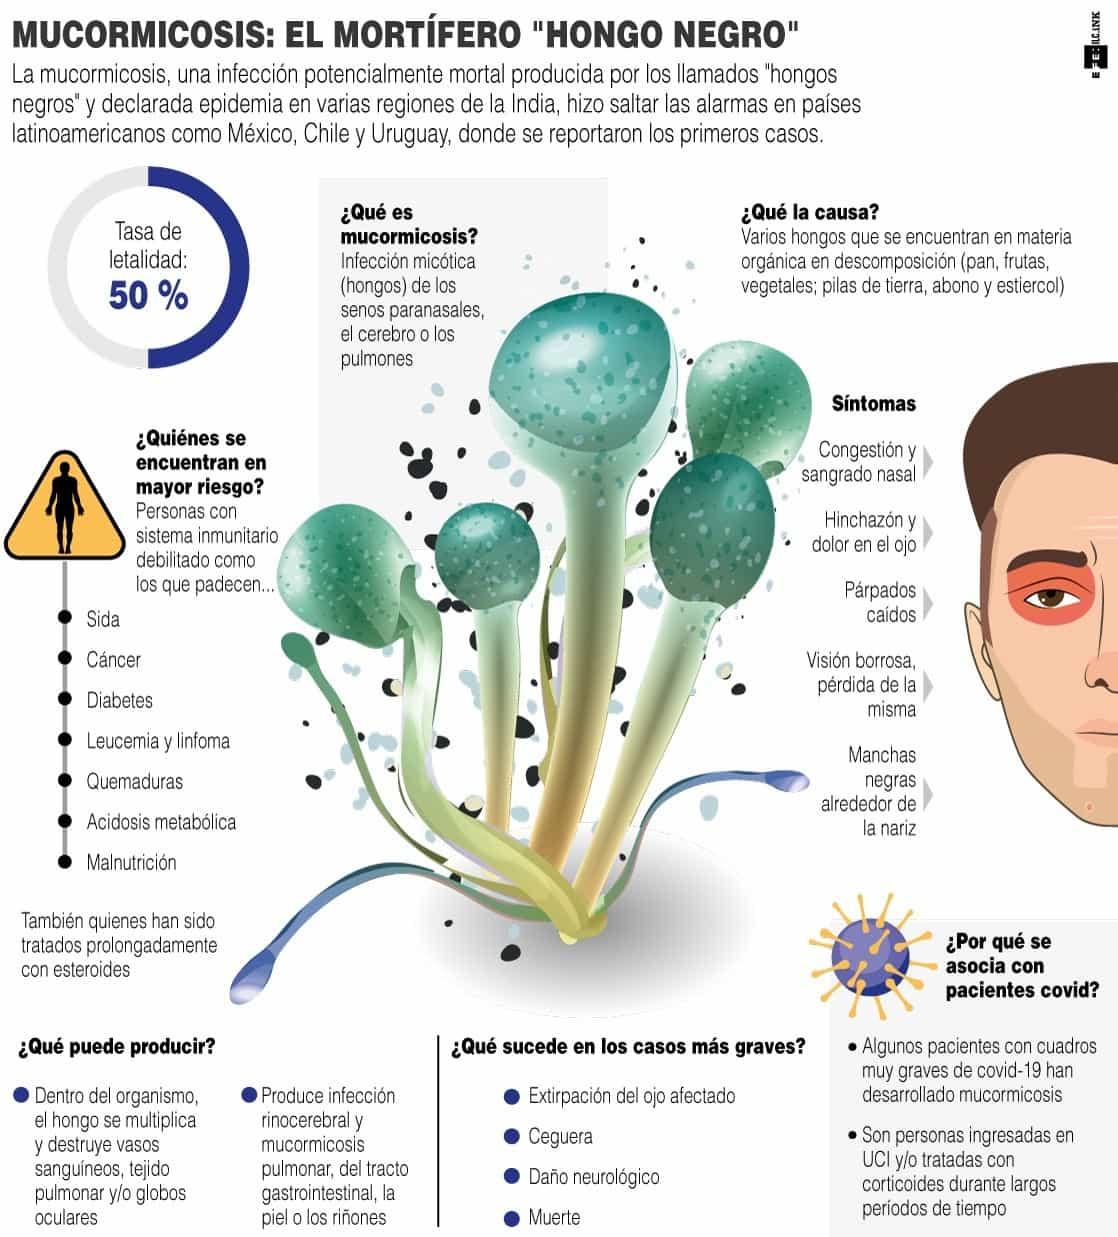 """[Infografía] - Mucormicosis: el mortífero """"hongo negro"""" 1"""